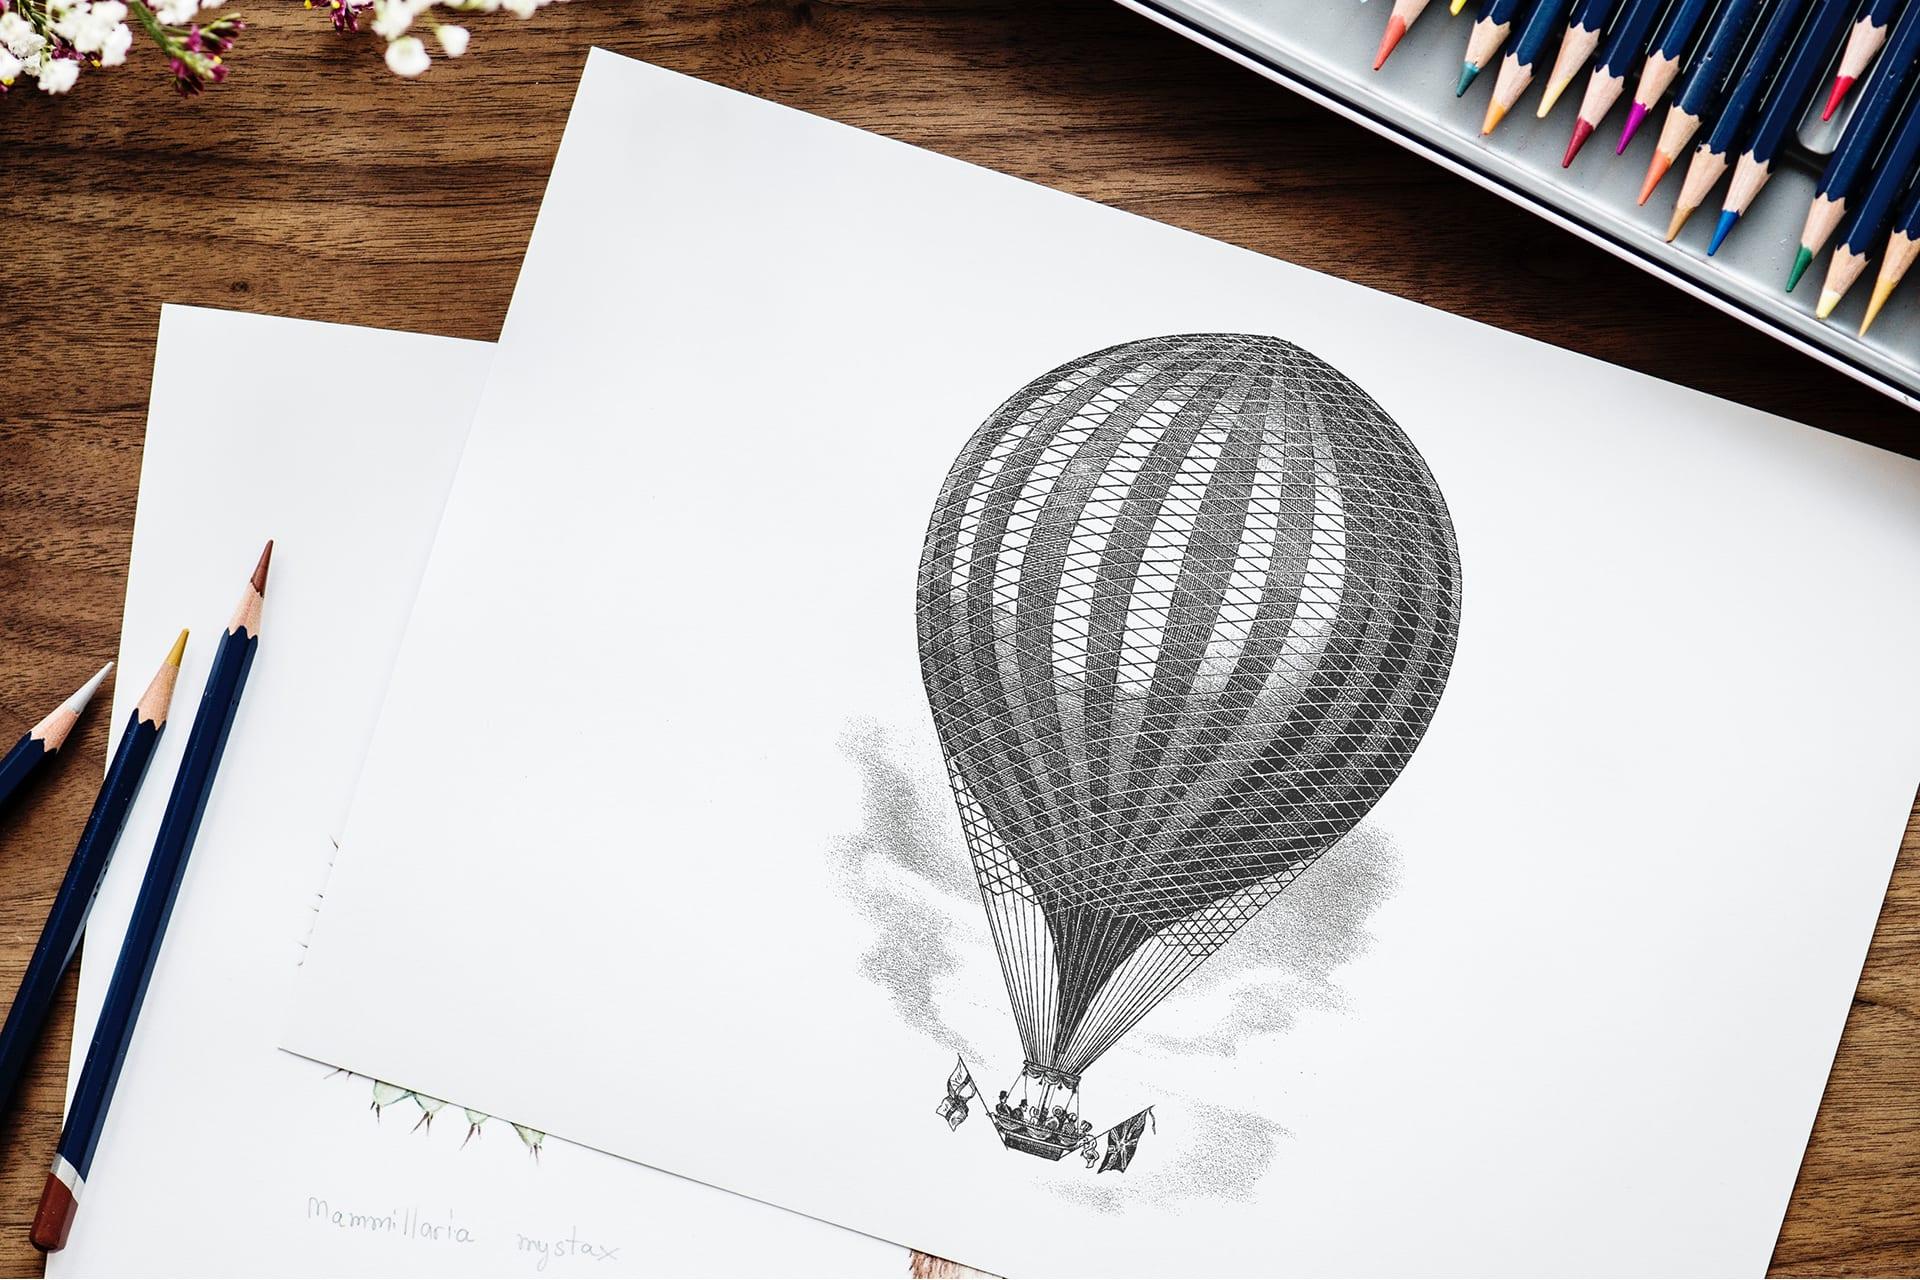 Strichzeichnung eines Ballons auf Papier | Vektorisierungen